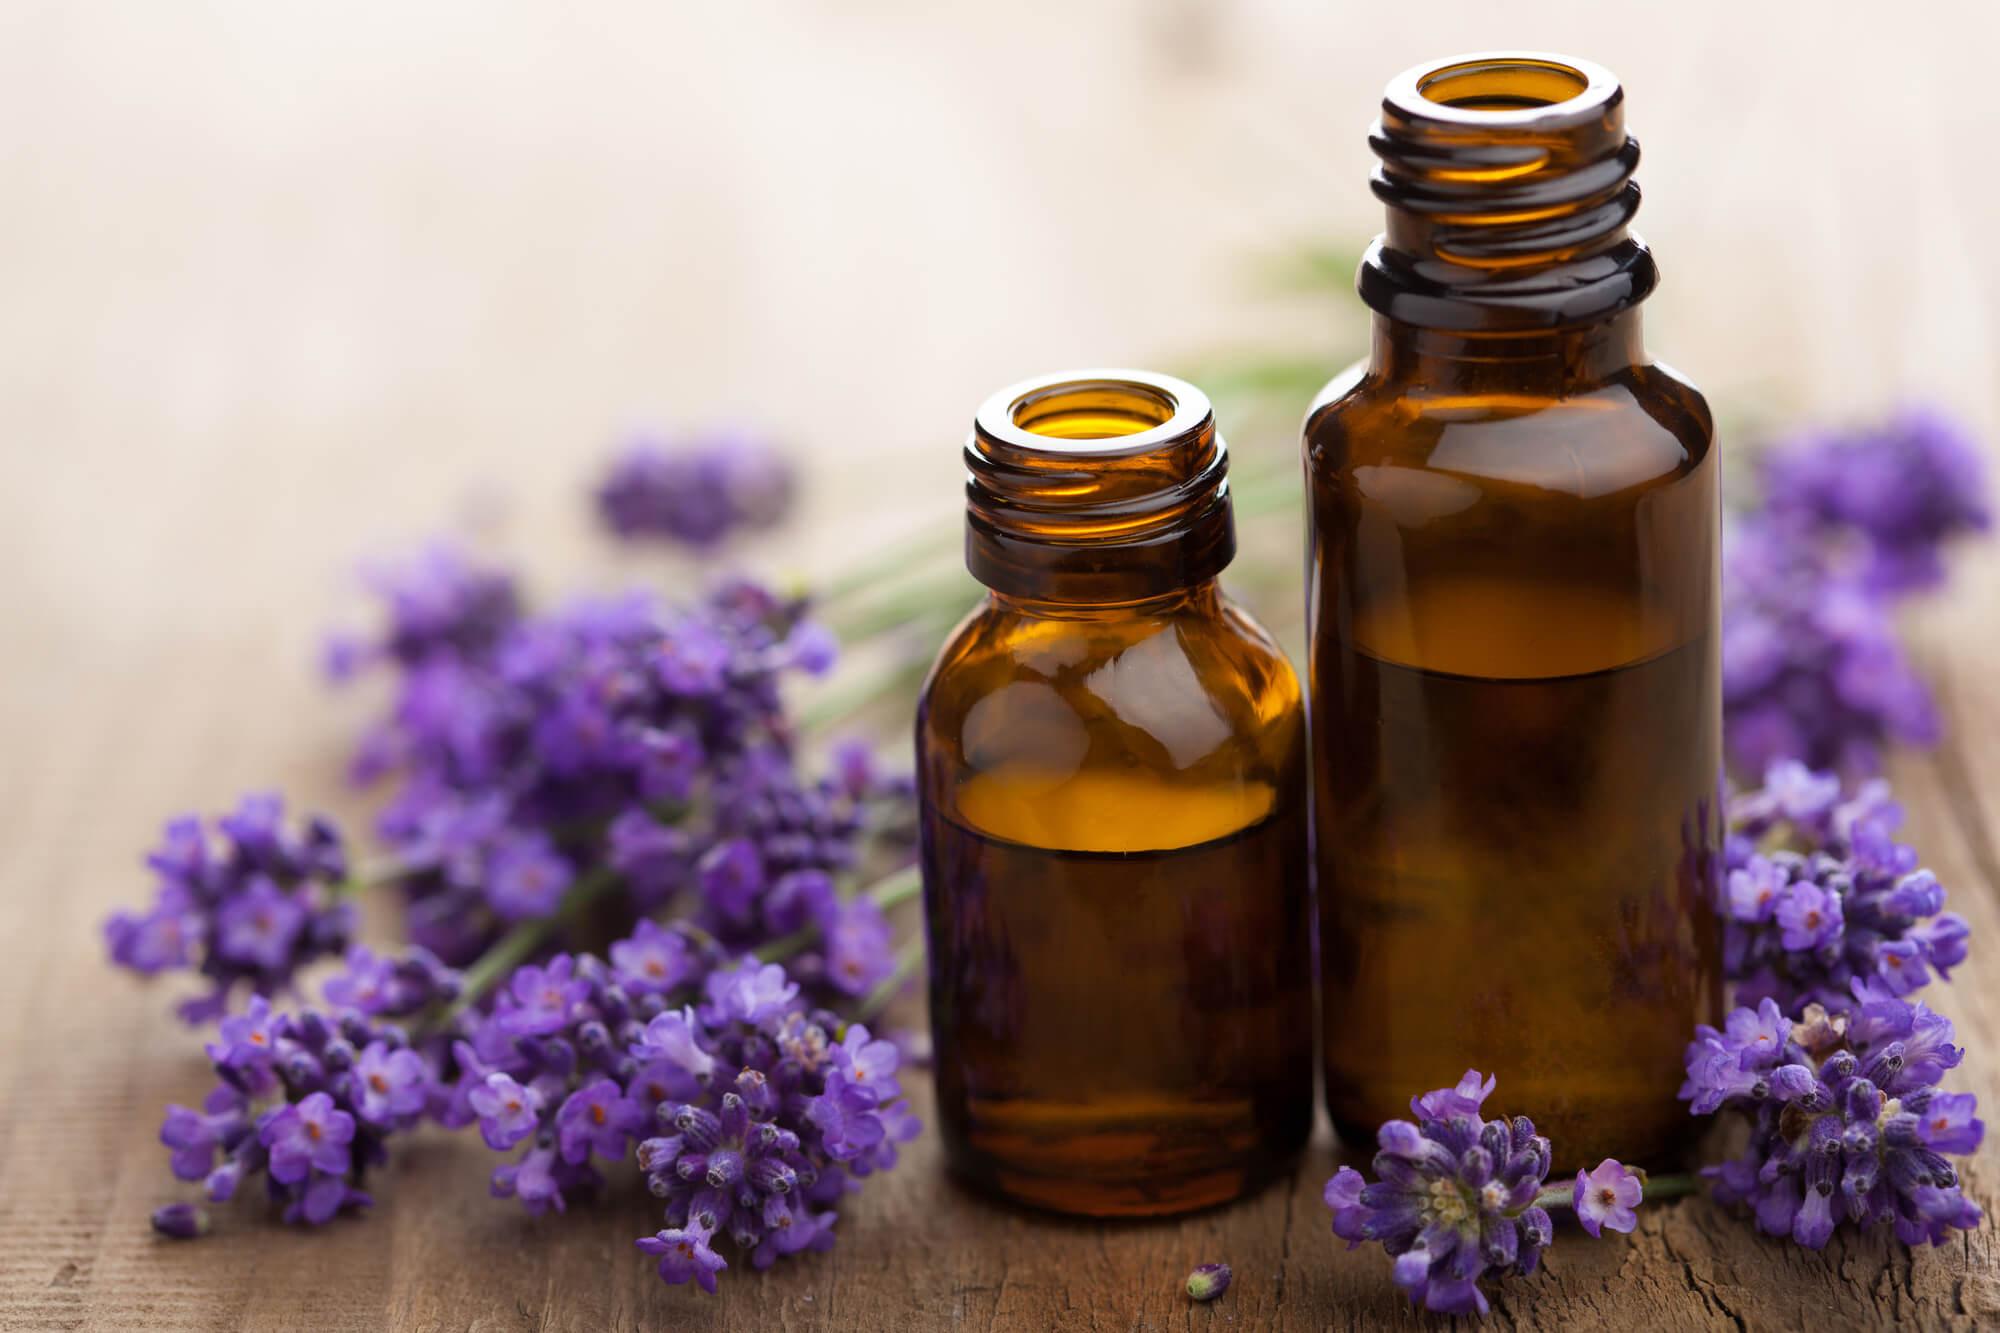 Lavendel æterisk olie